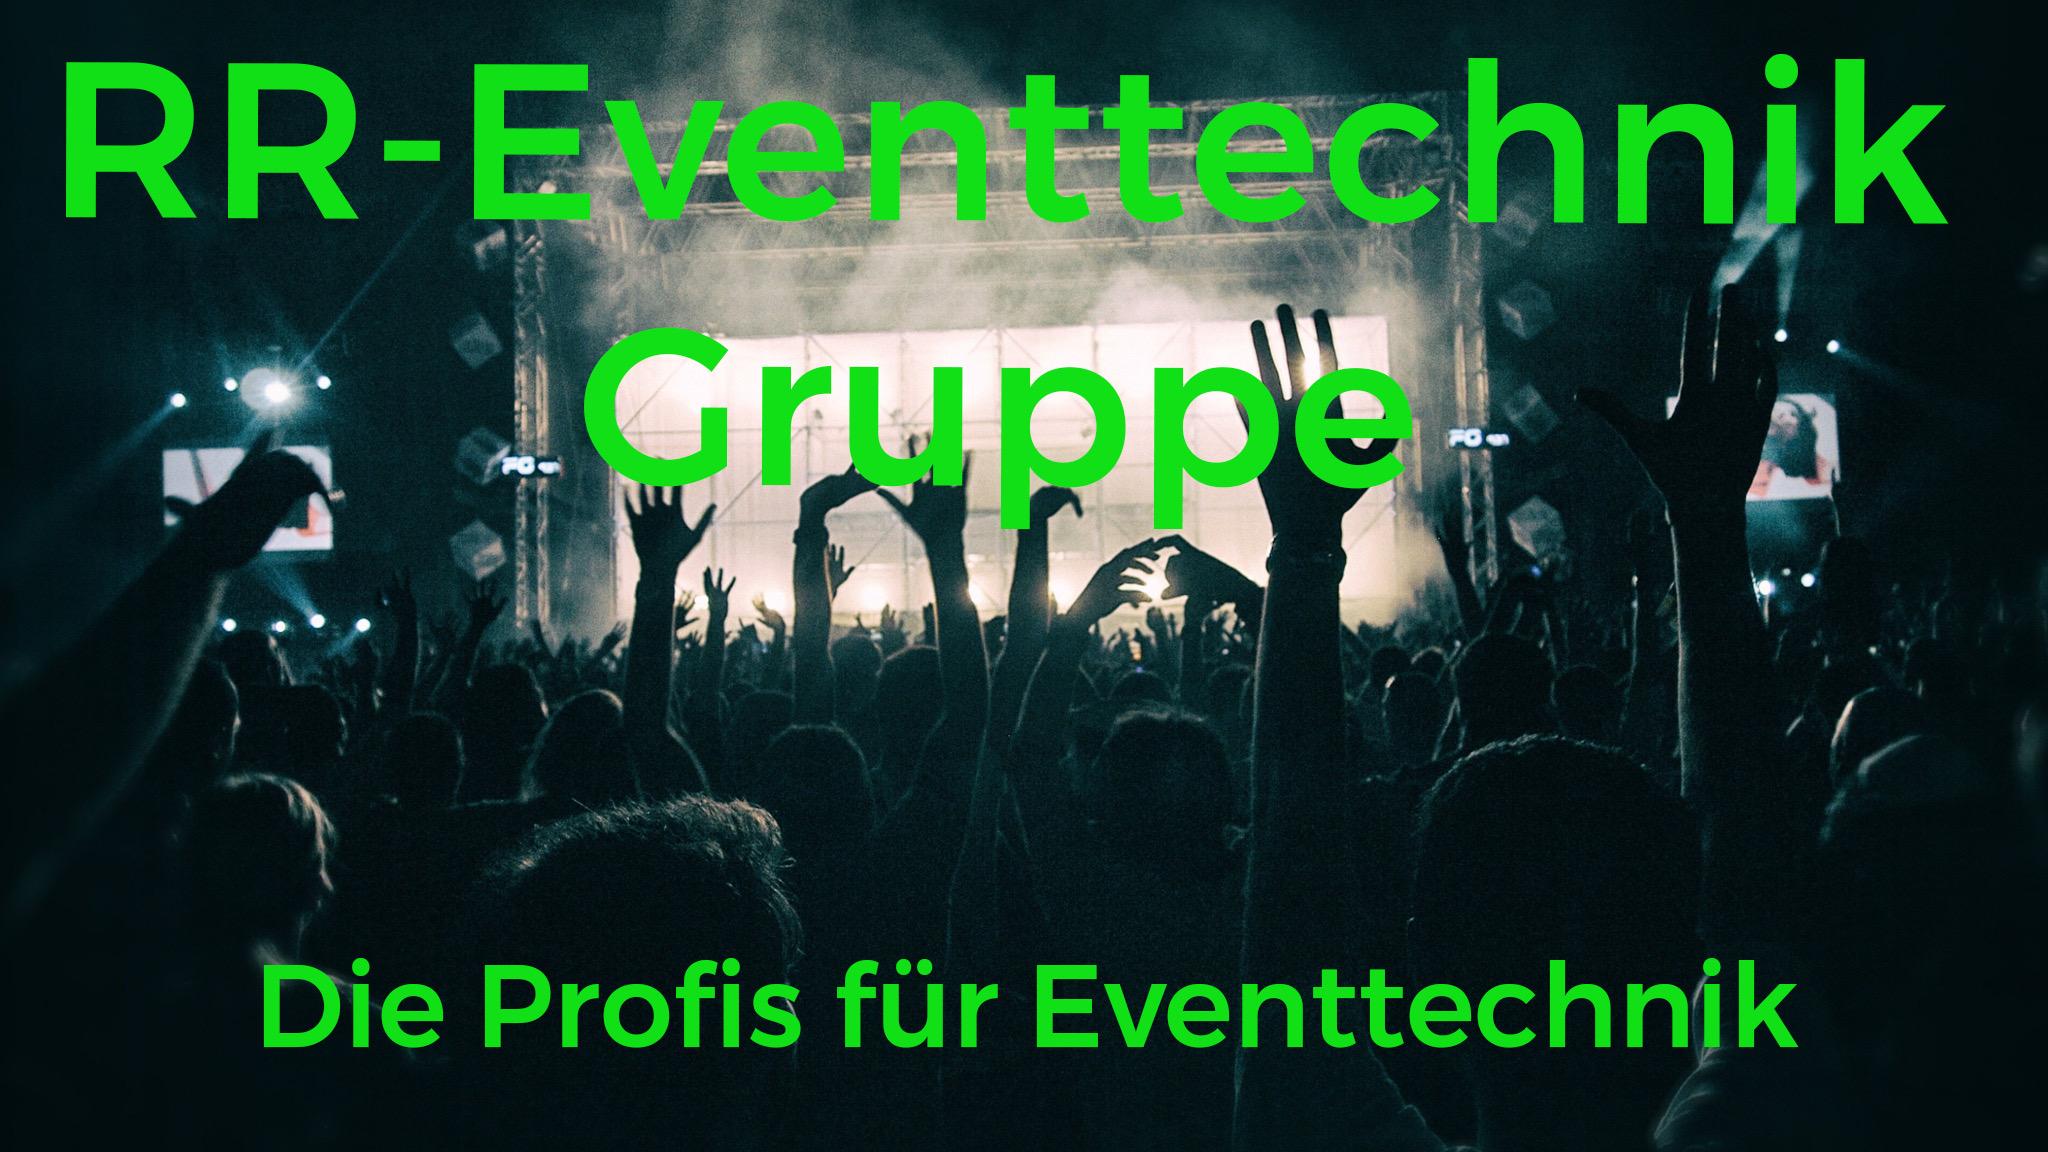 Logo der RR-Eventtechnik Gruppe